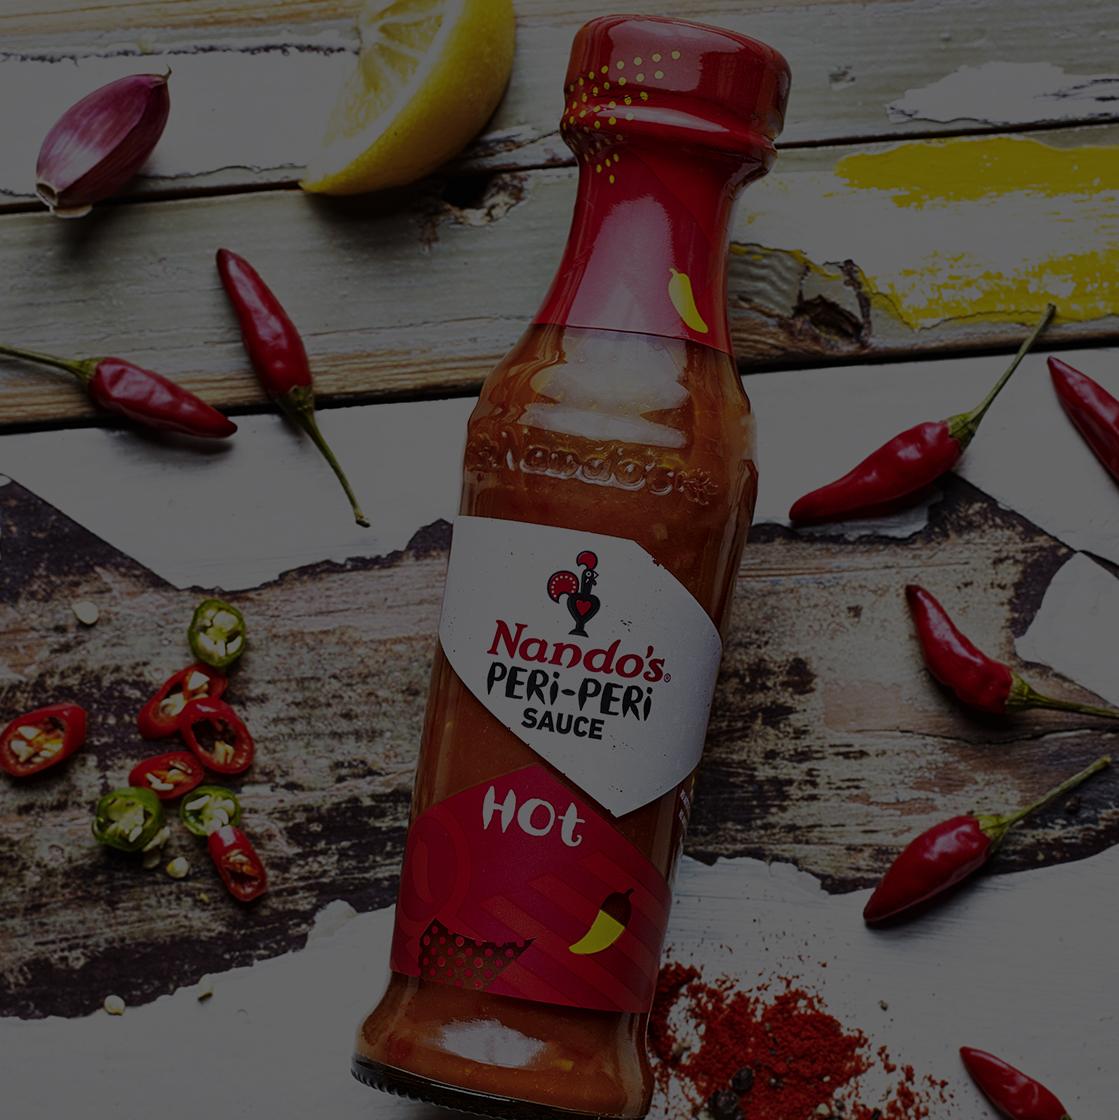 Hot PERi-PERi Sauce